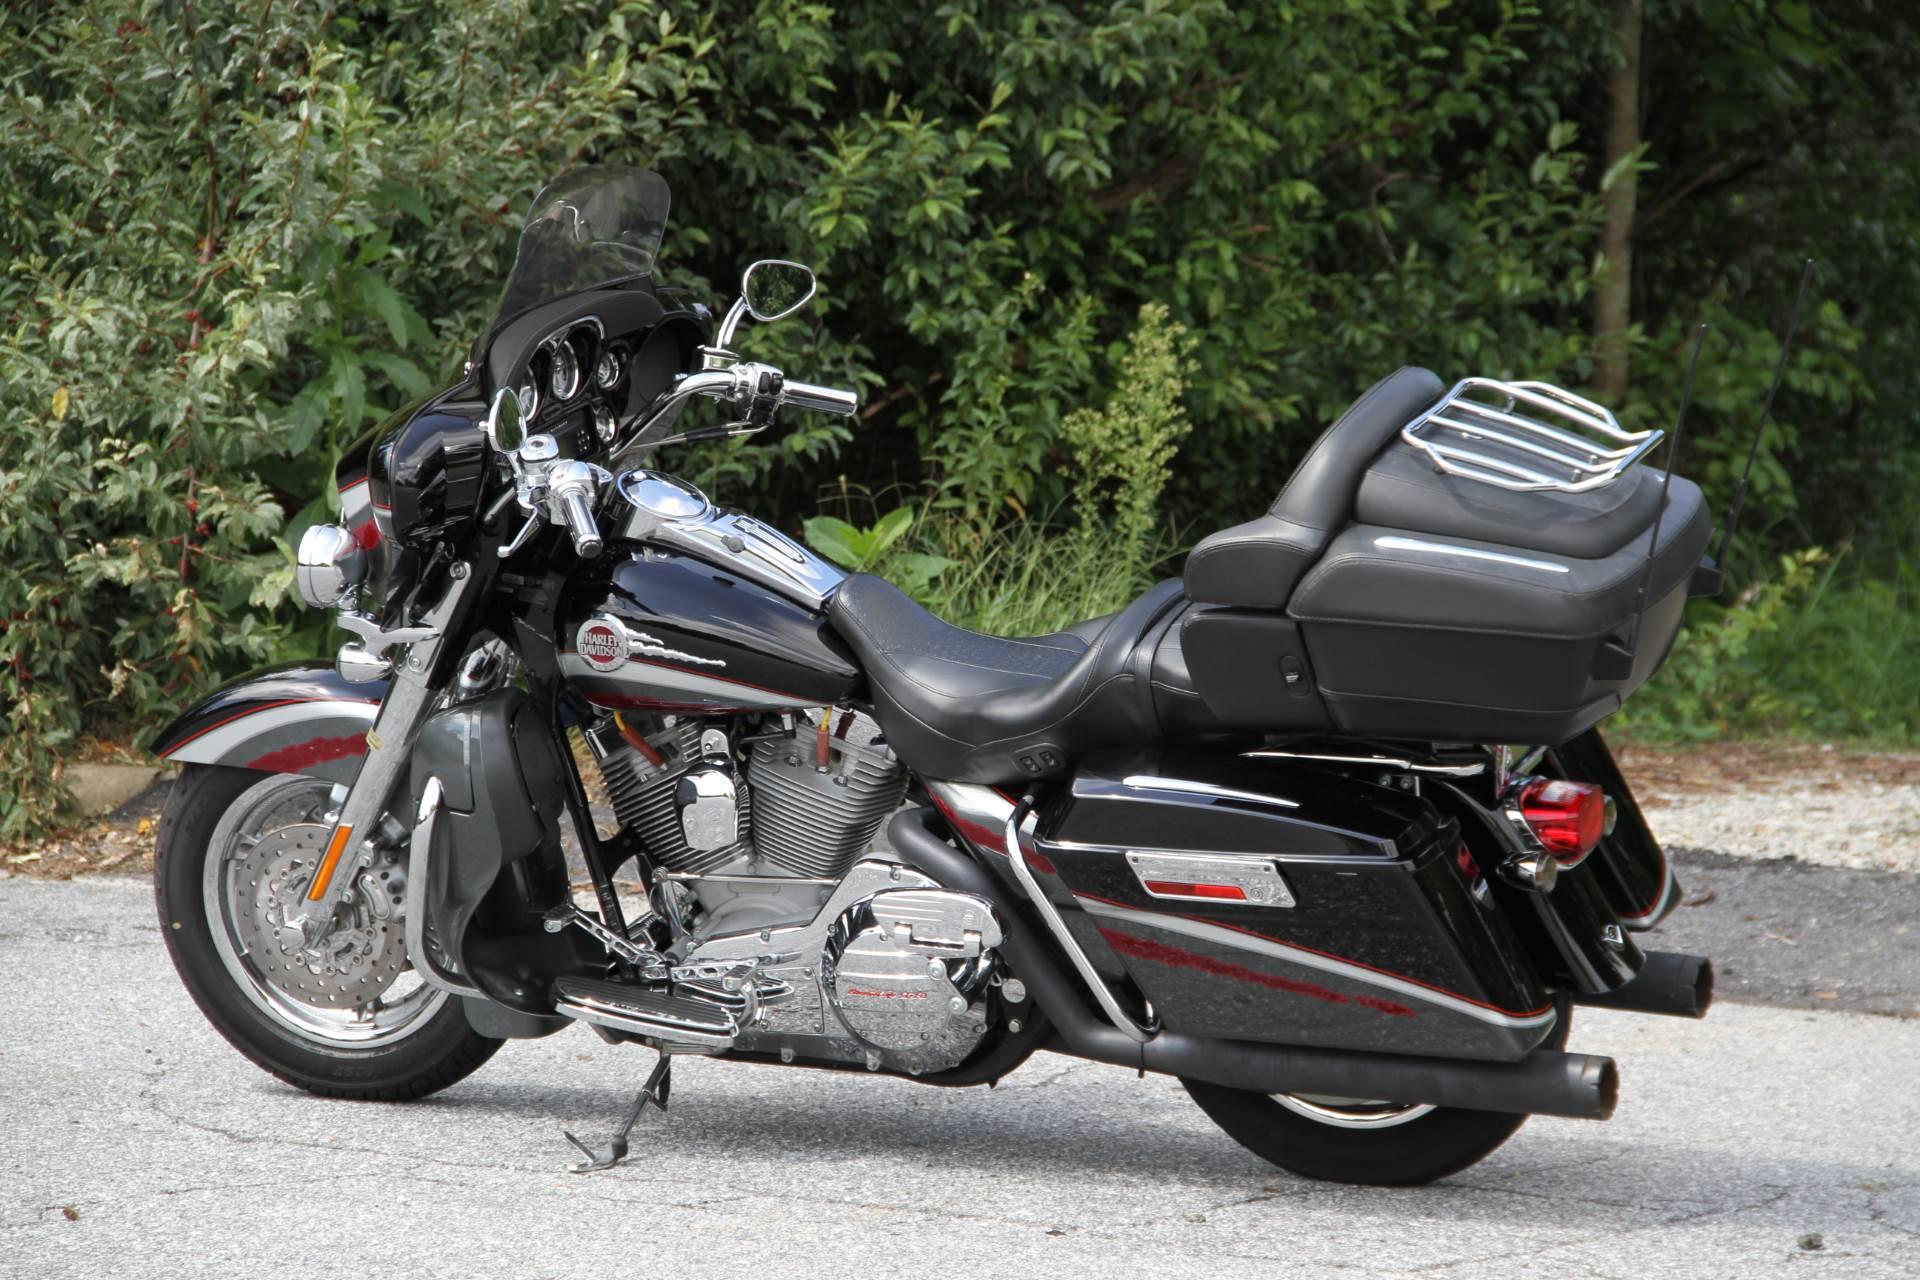 Harley Davidson Uktra Glide